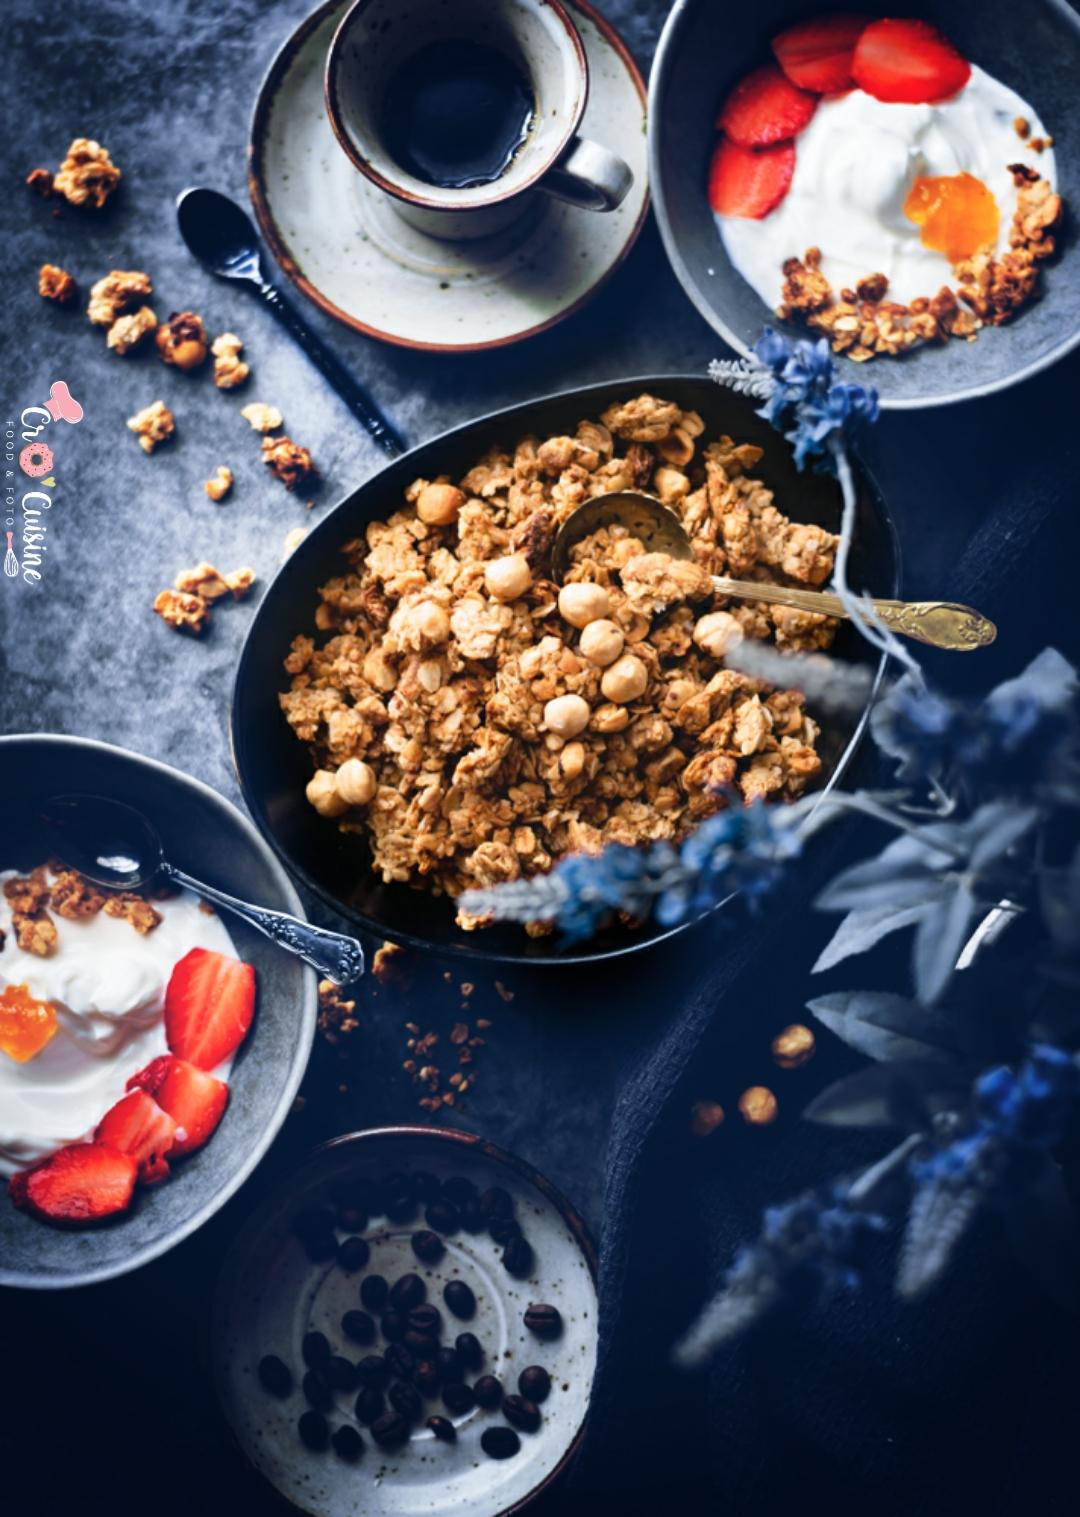 Un délicieux granola praliné aux noisettes maison idéal pour le petit-déjeuner, les brunch ou même un goûter gourmand. Dégustez et savourez-le.